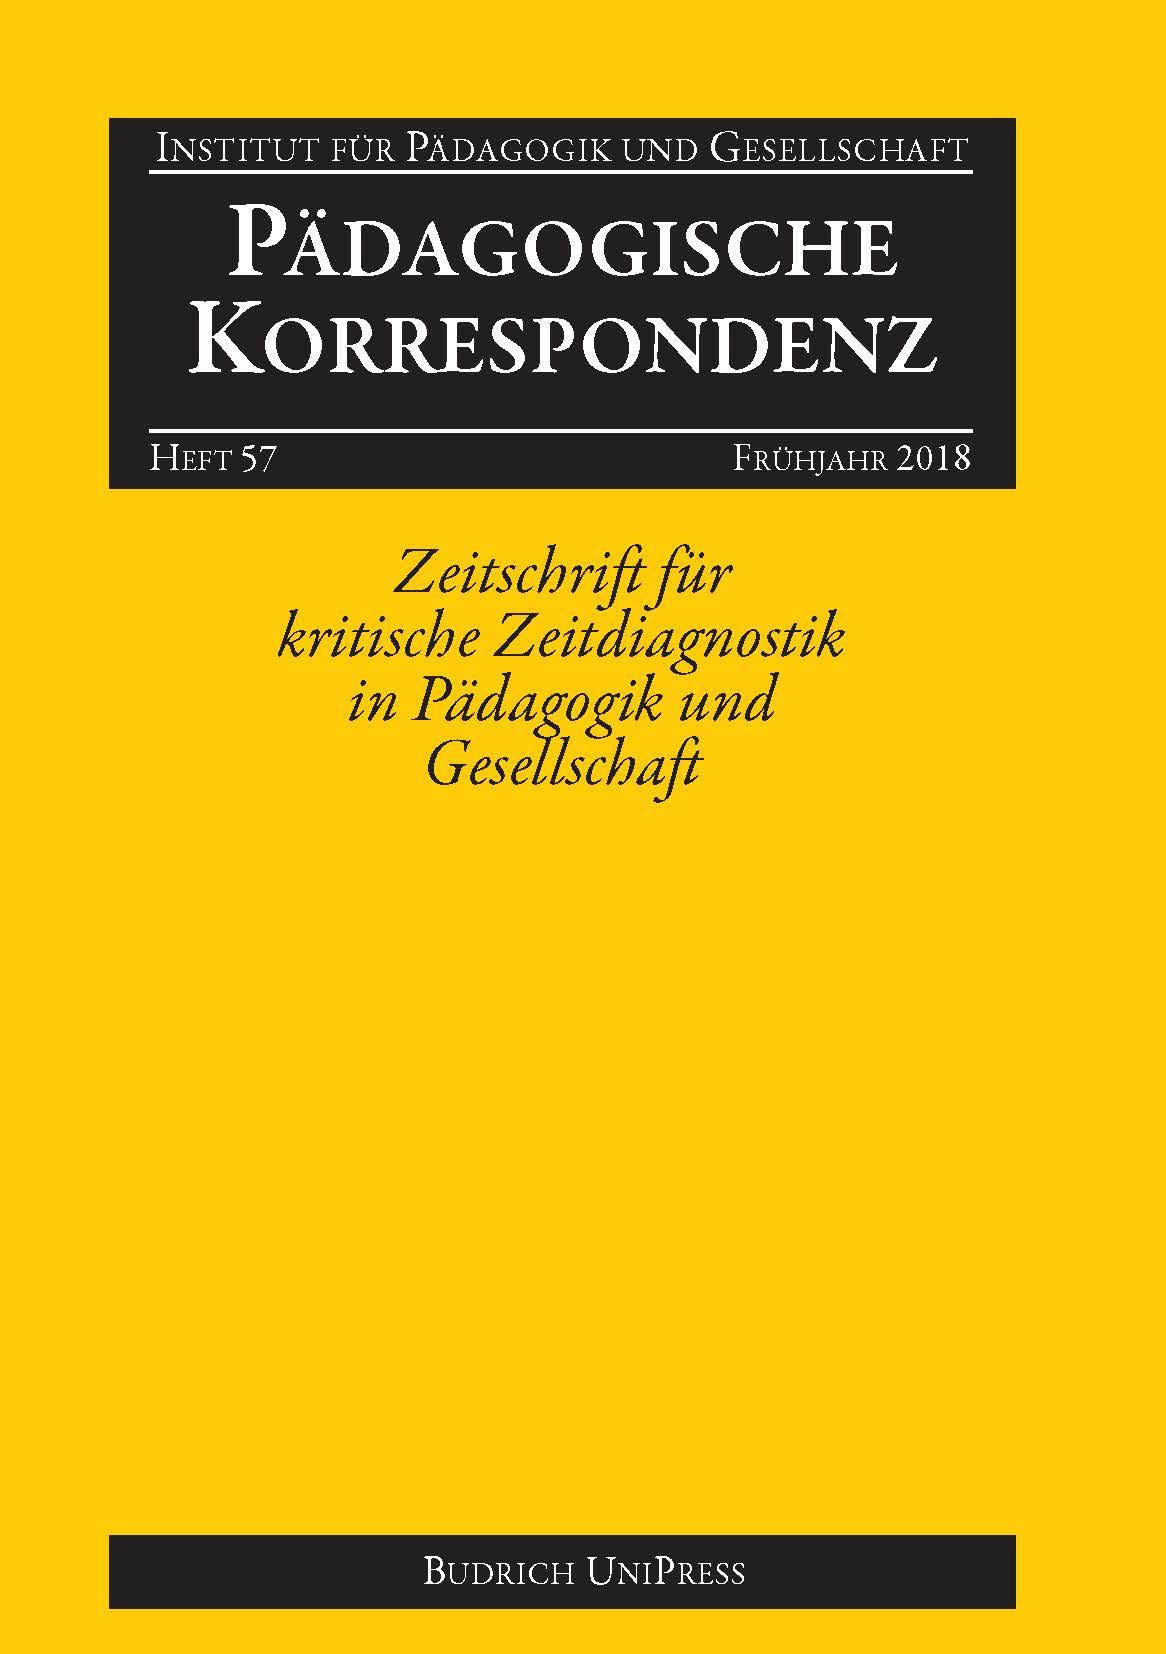 Pädagogische Korrespondenz 1-2018